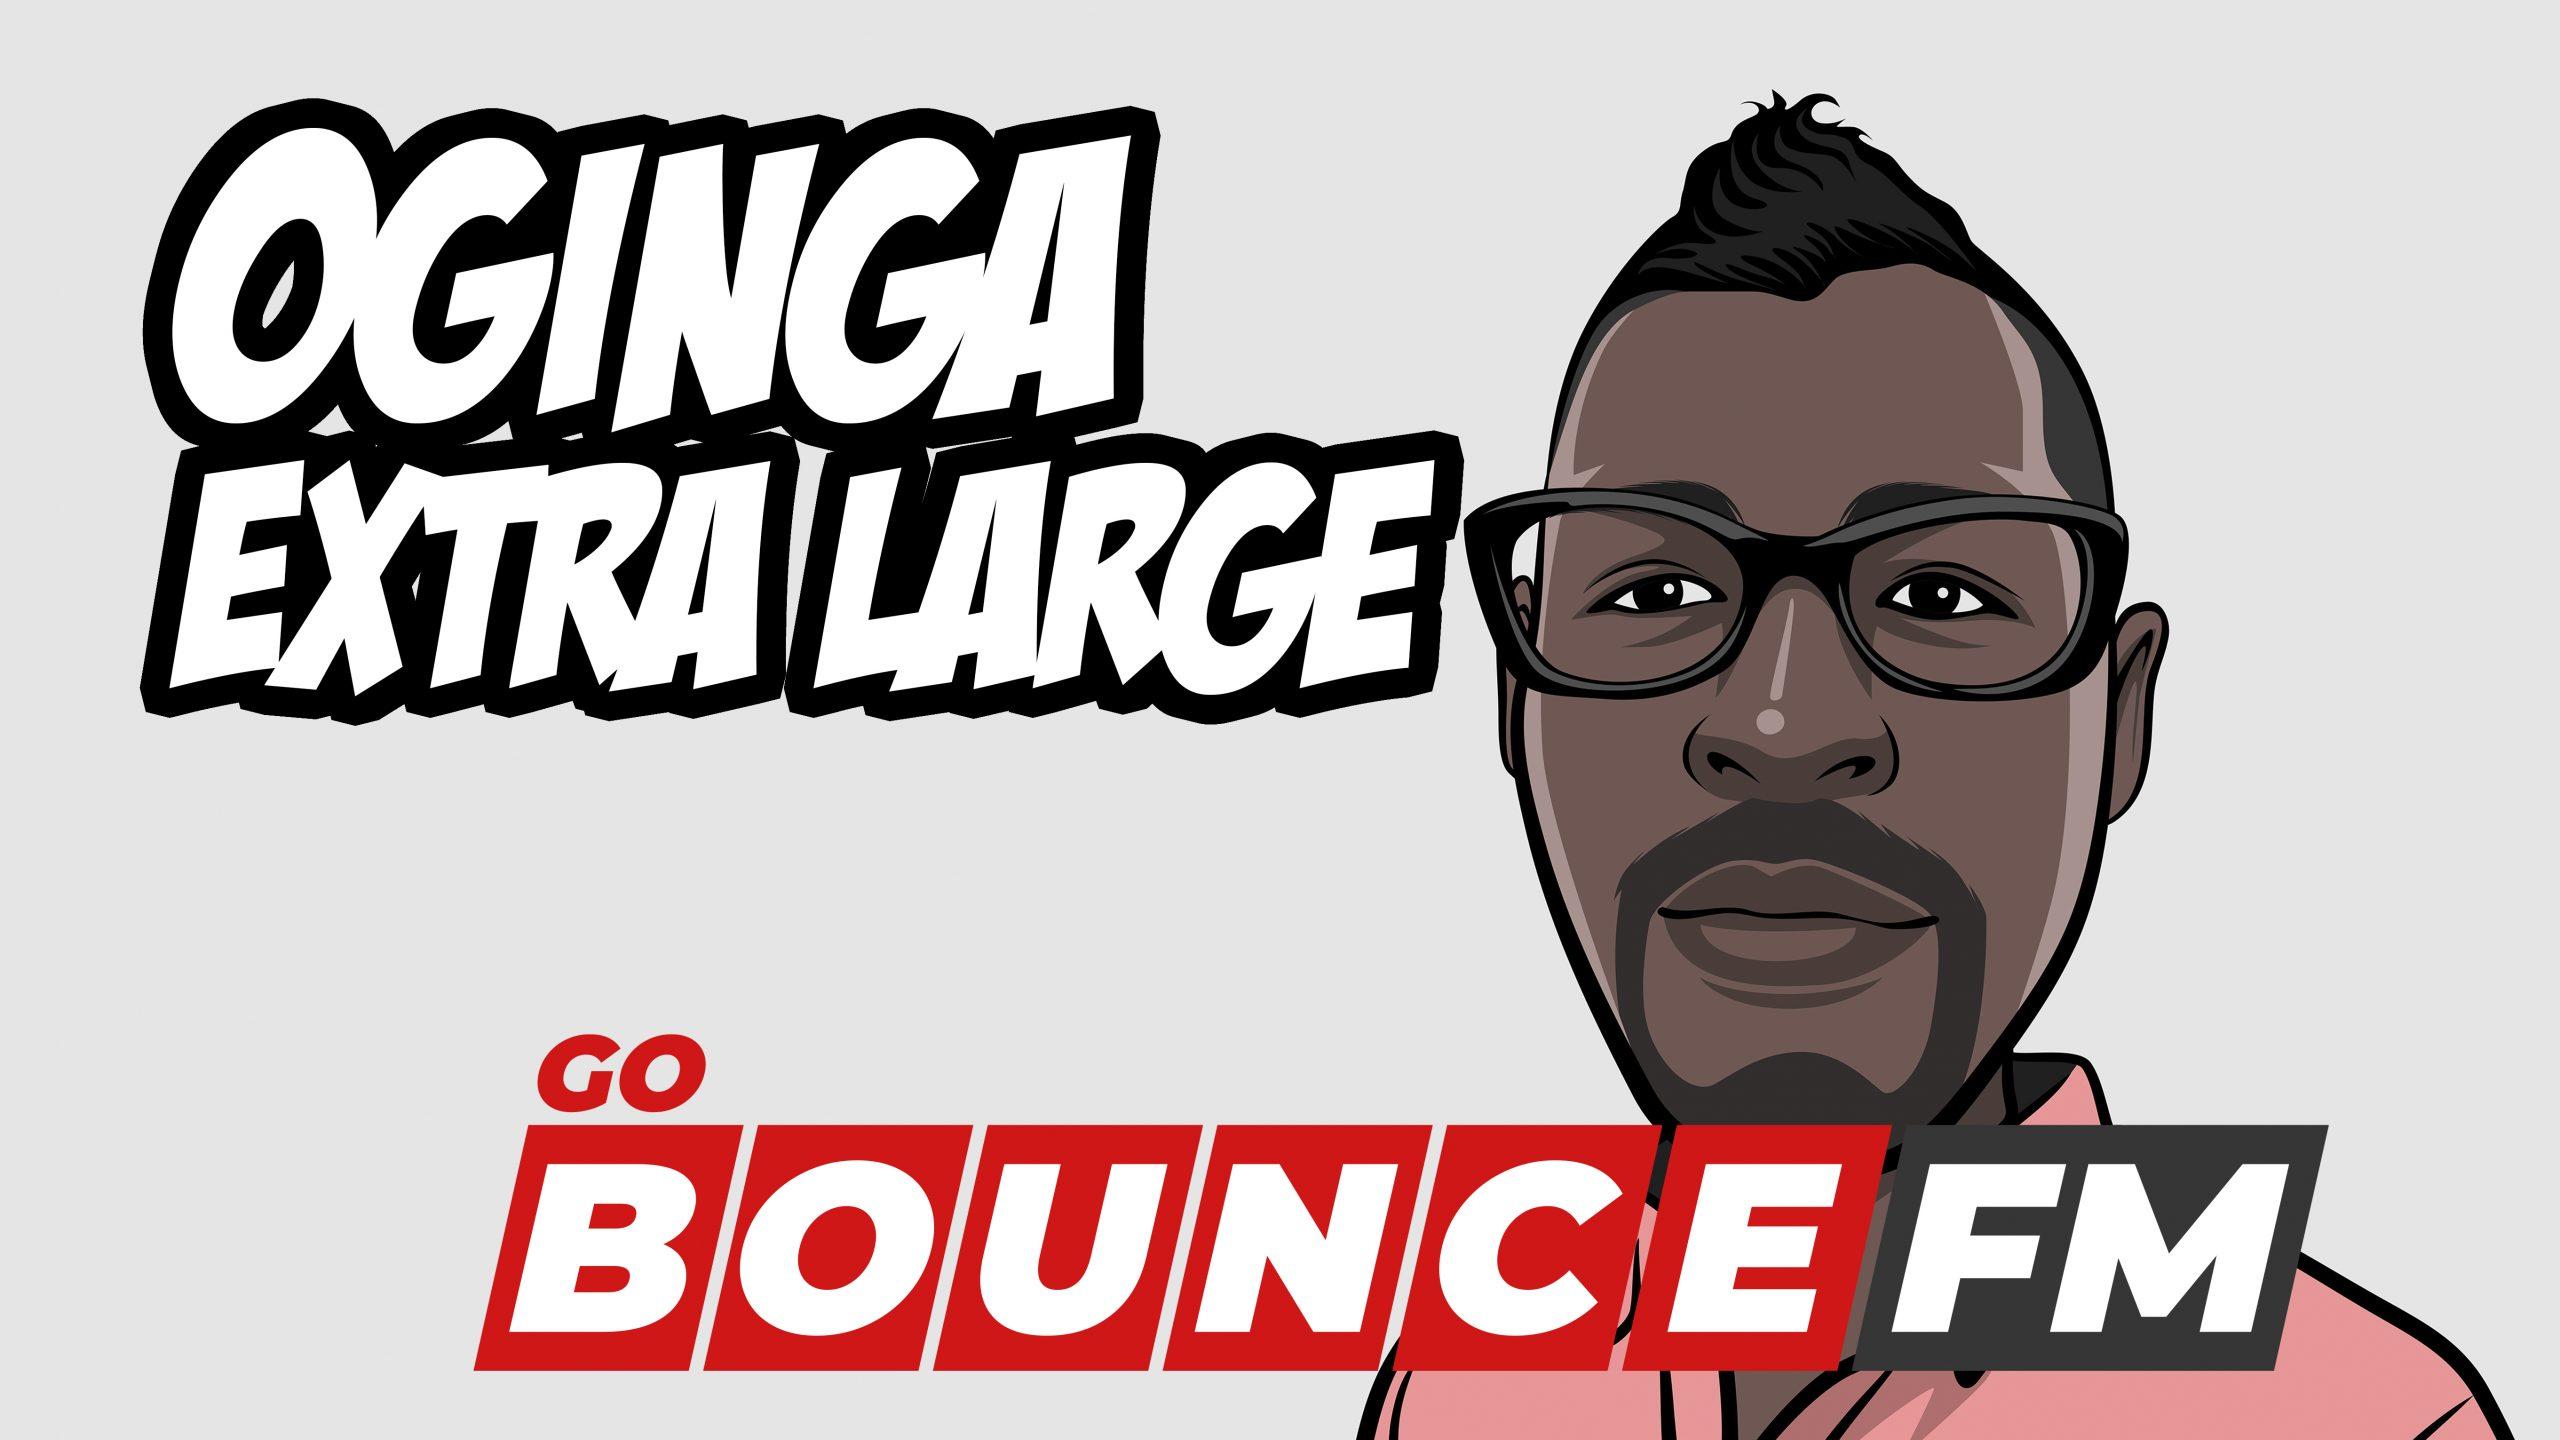 Oginga Extra Large